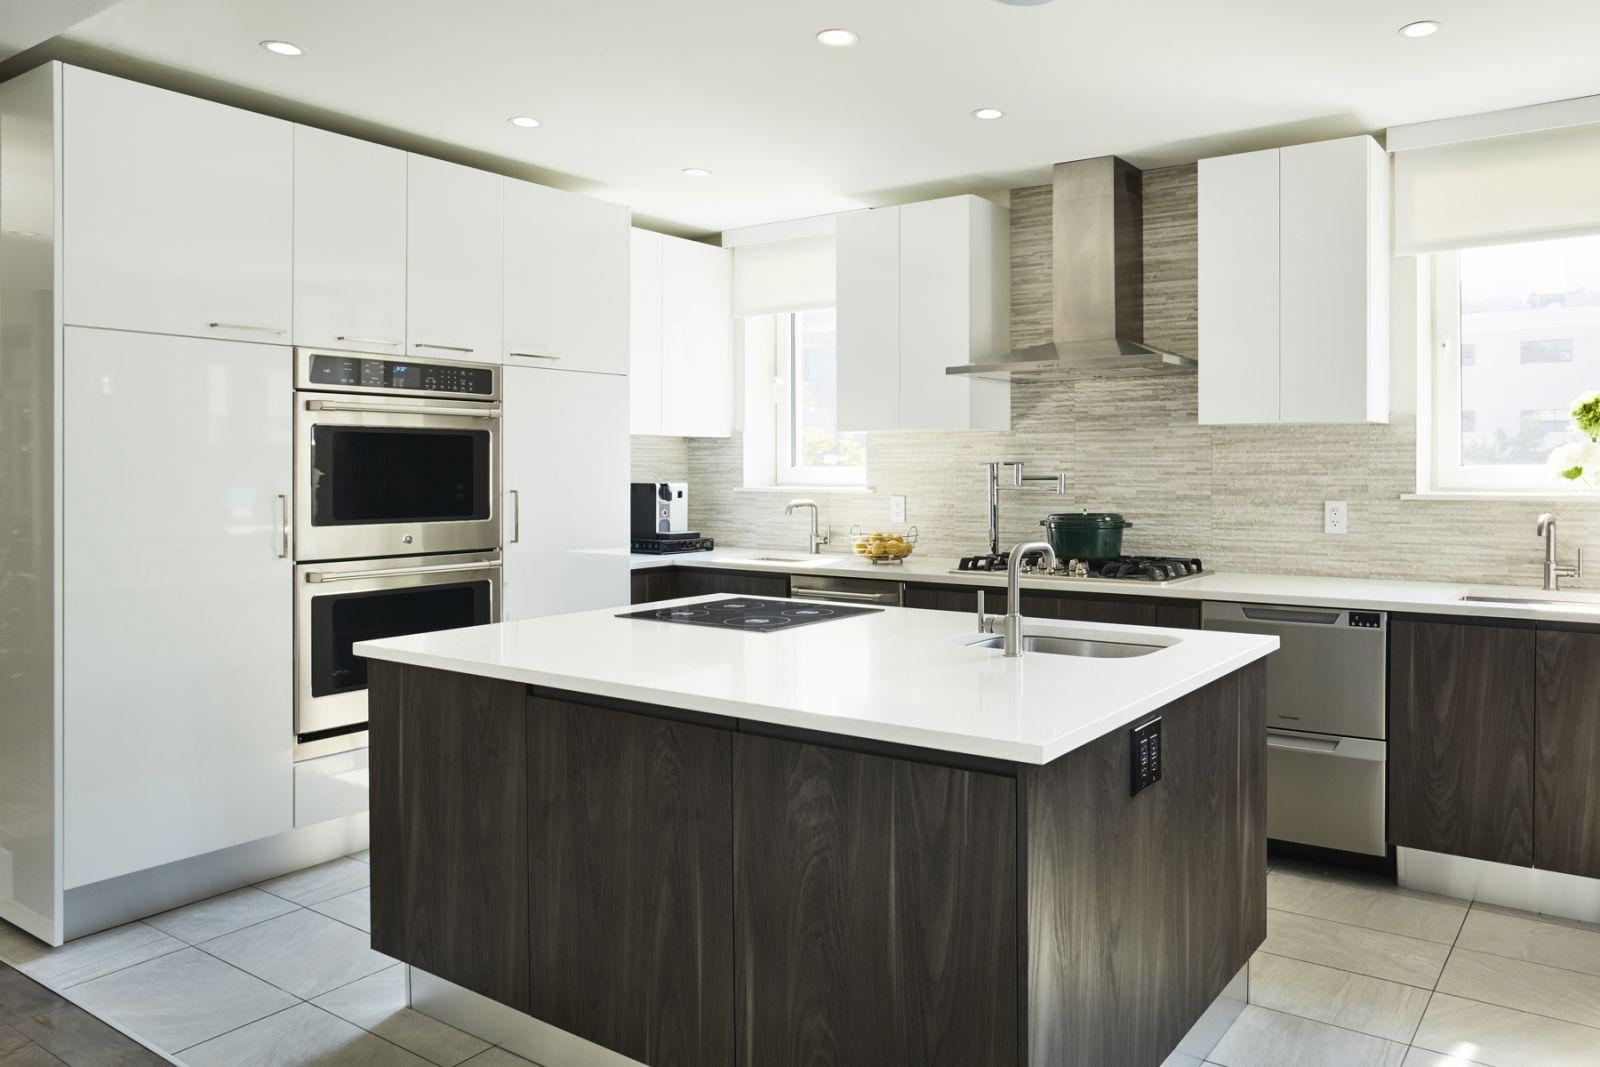 Thiết kế phòng bếp đương đại của bạn:Thiết bị âm tường